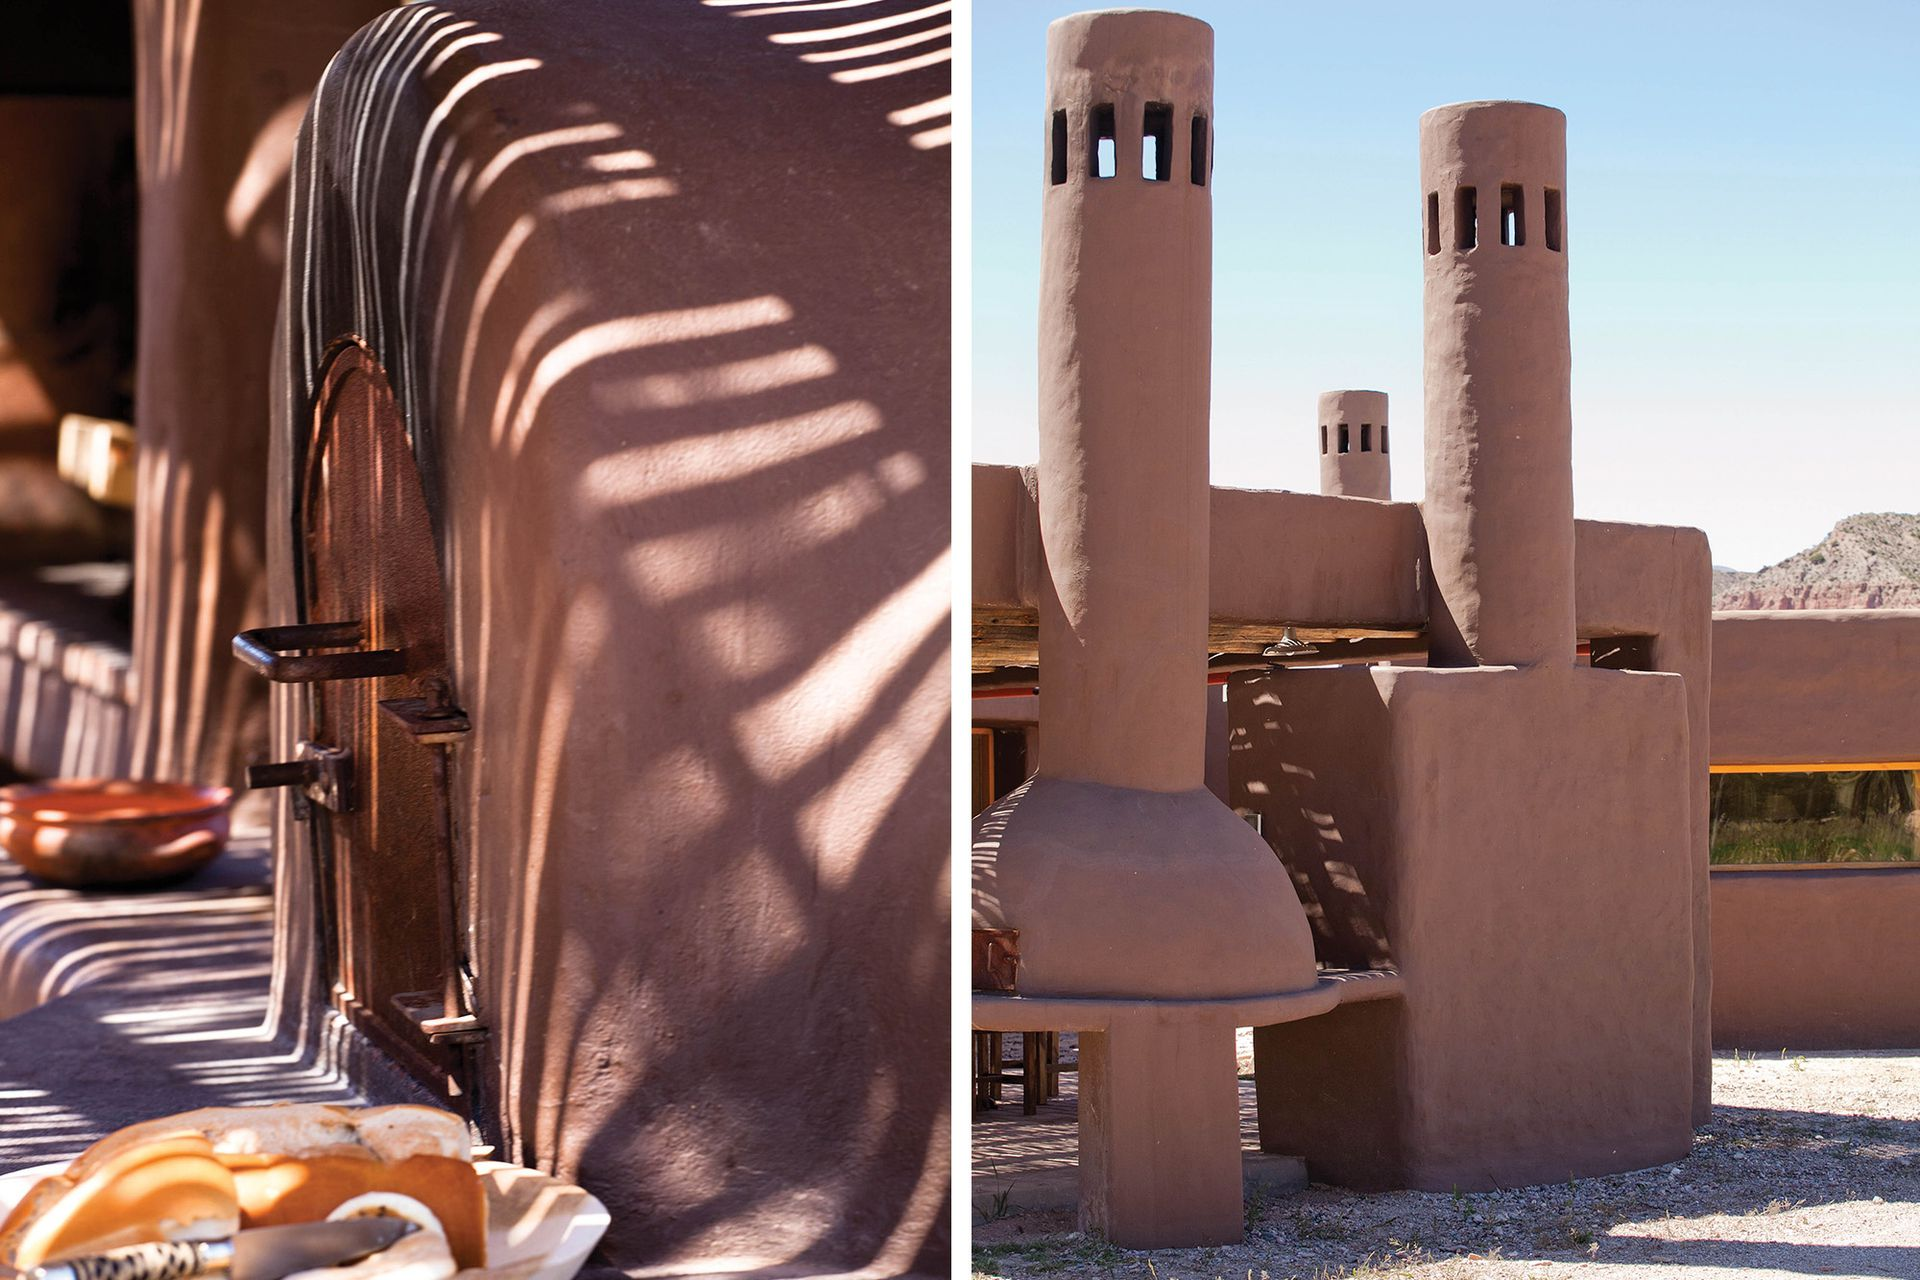 Con chimeneas esculturales, la parrilla y el horno de barro toman una gran proporción del afuera.